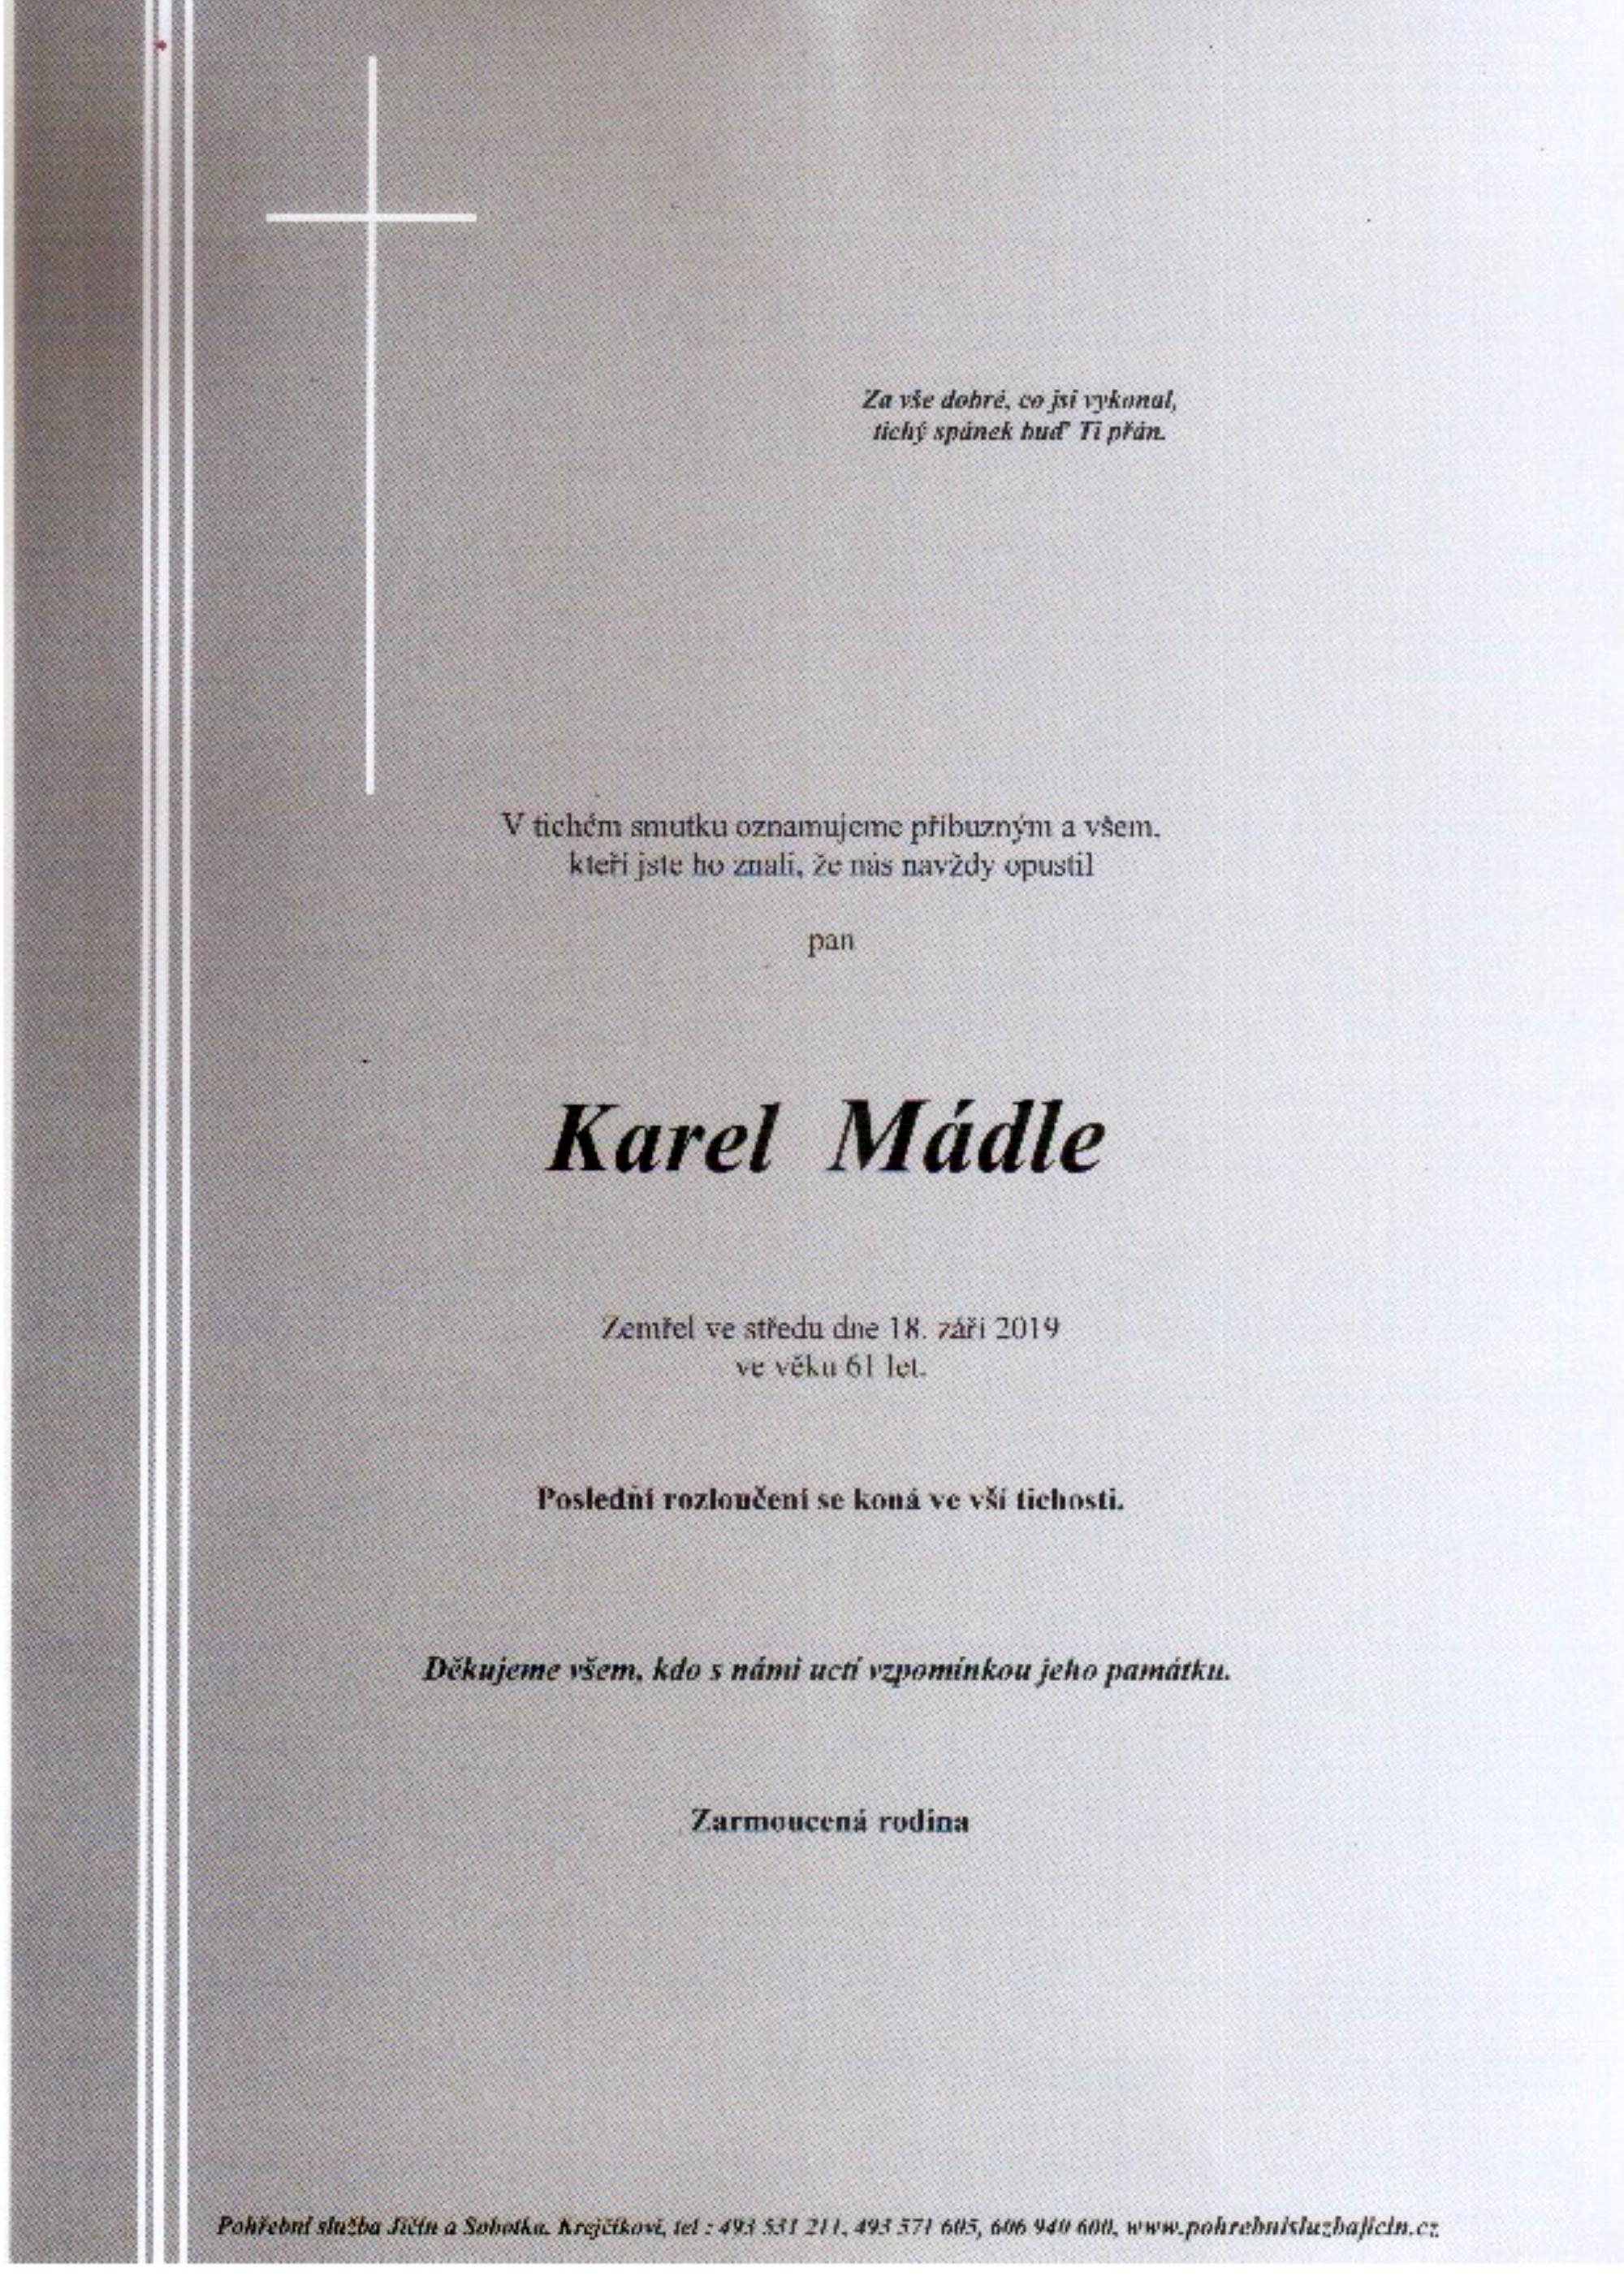 Karel Mádle